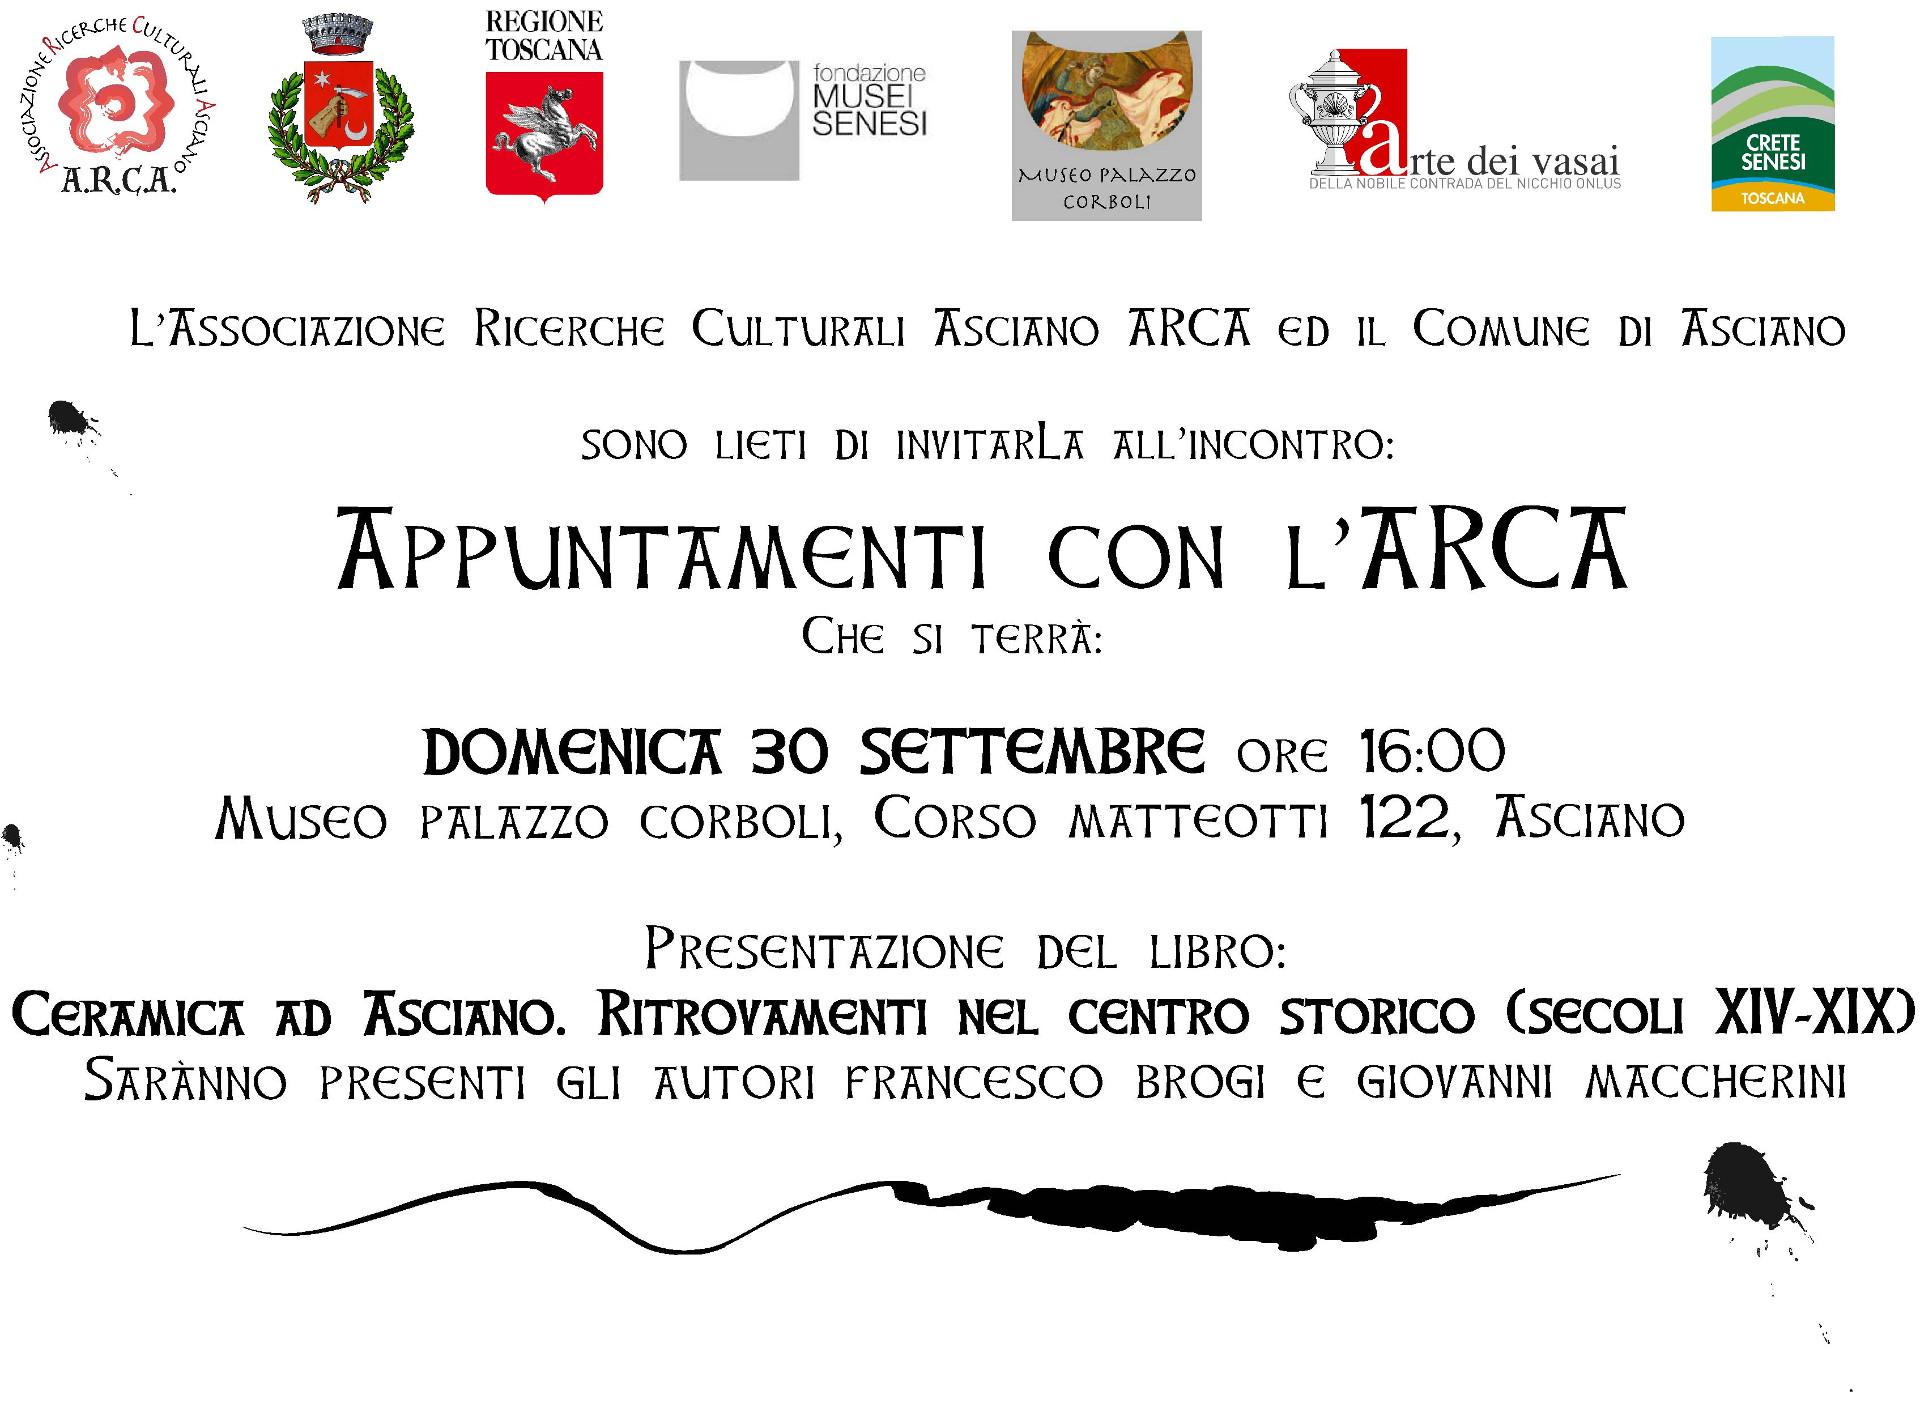 Appuntamenti con l'ARCA – Ceramica ad Asciano. Ritrovamenti nel Centro Storico (secoli XIV-XIX) – Domenica 30 Settembre